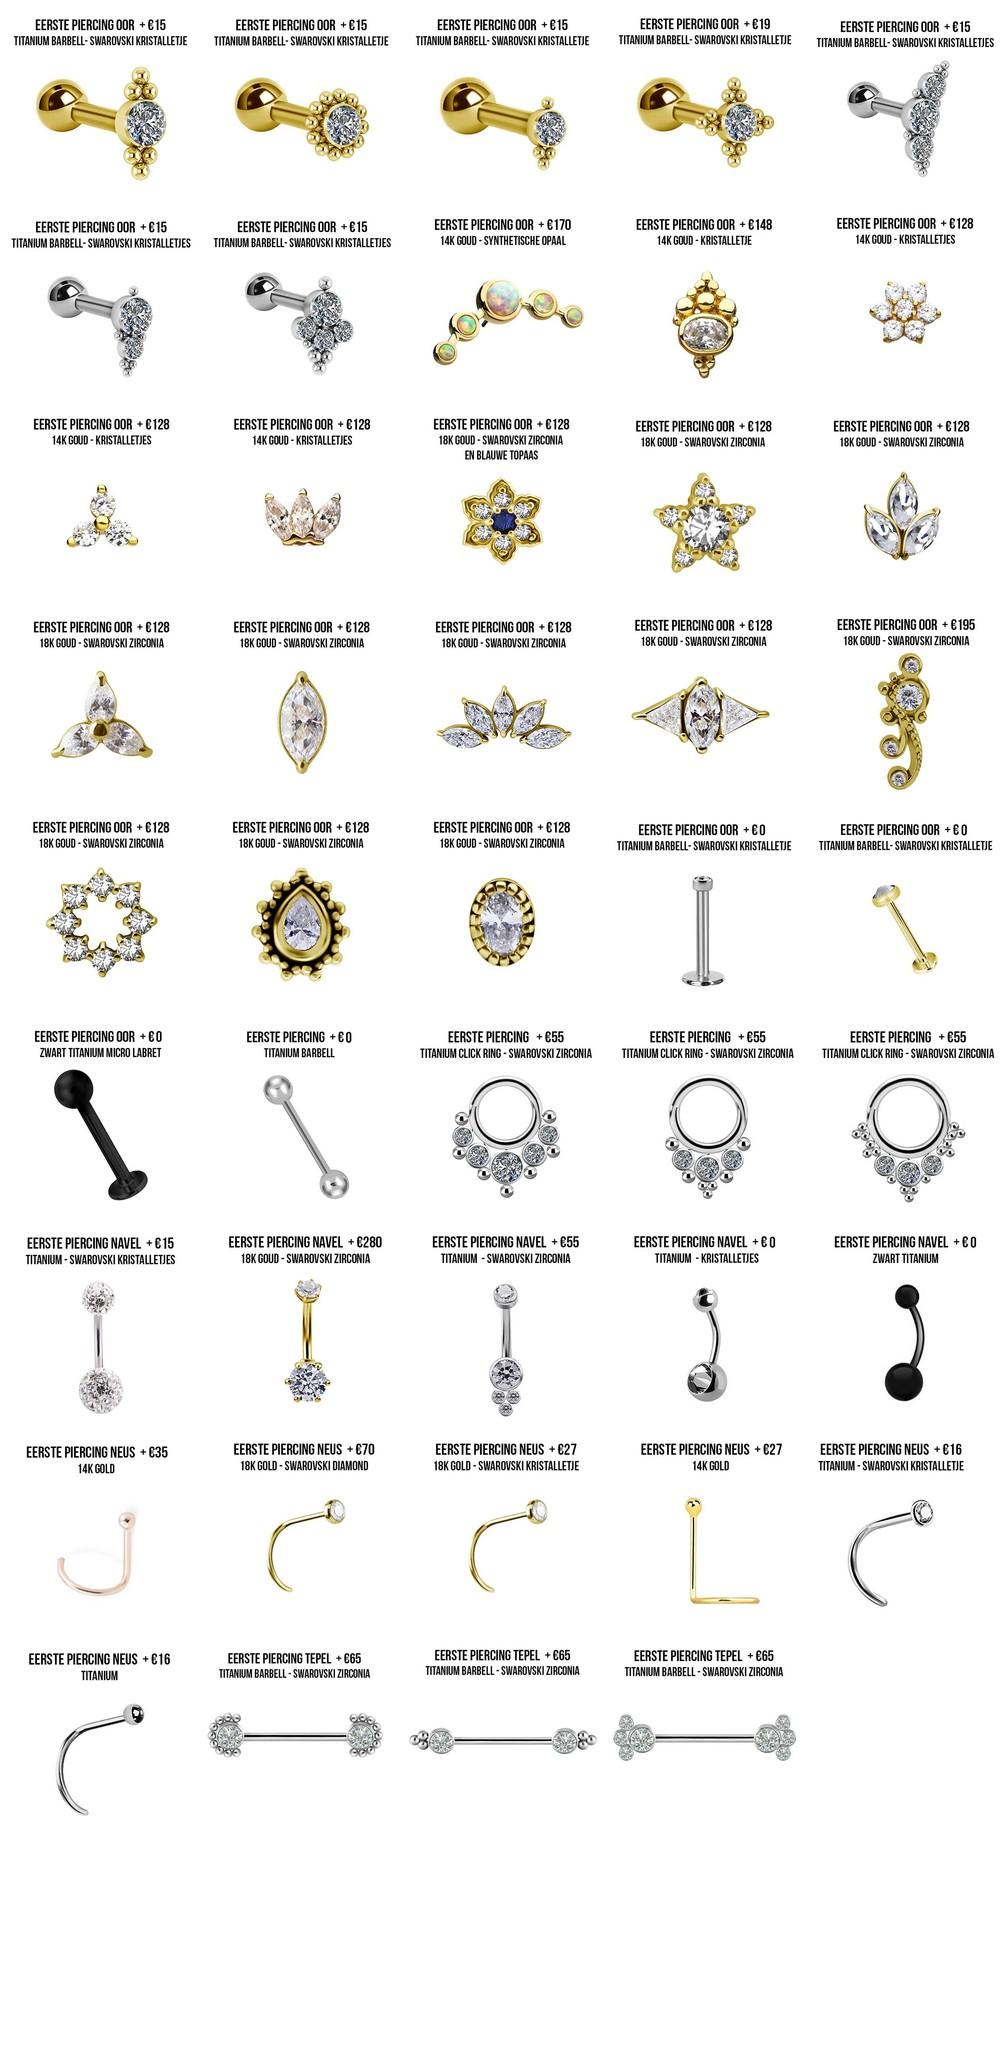 piercings gallery